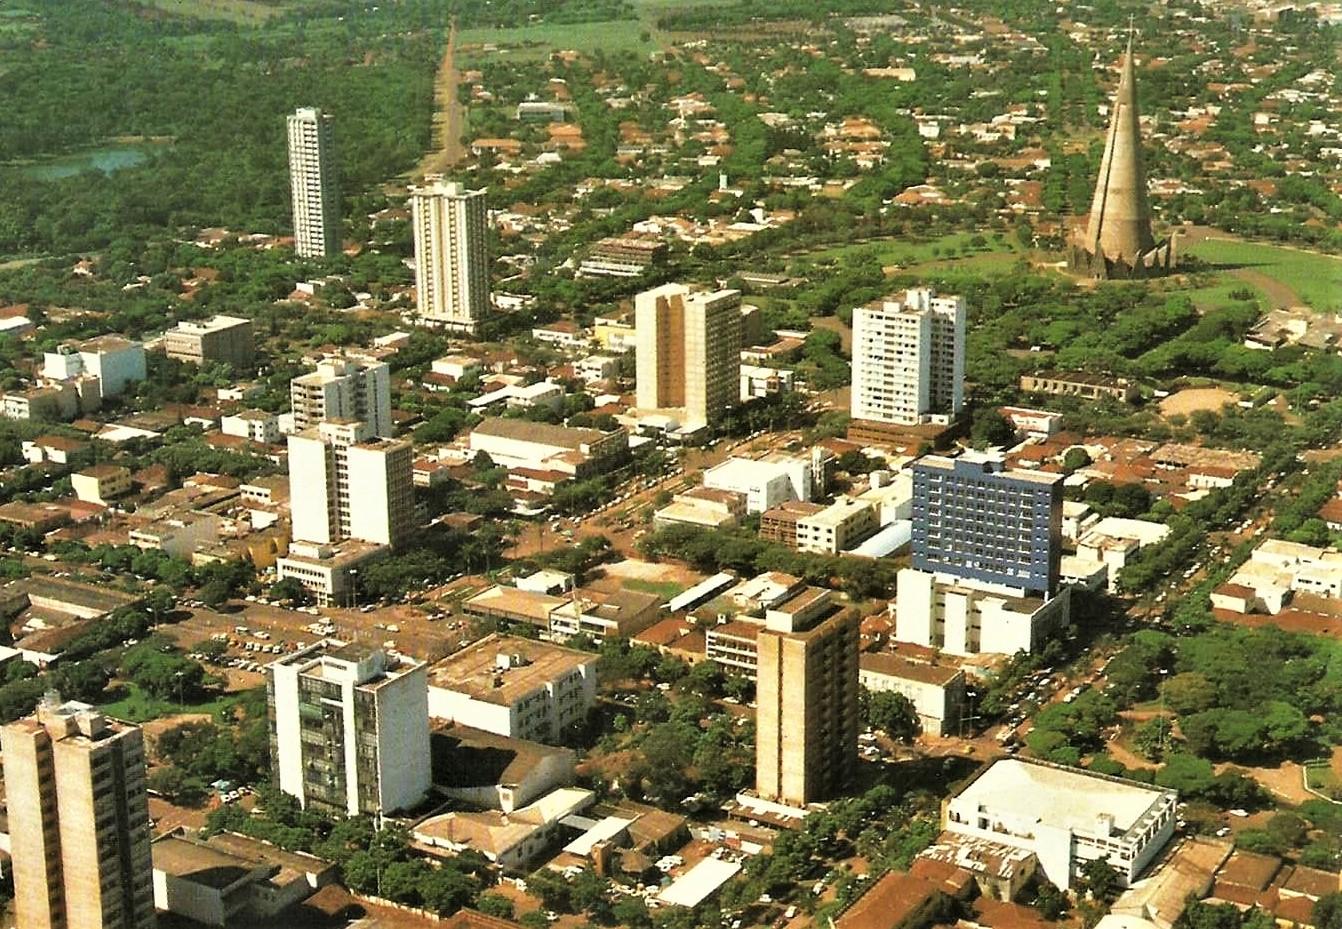 Vista aérea do Centro - Anos 1980